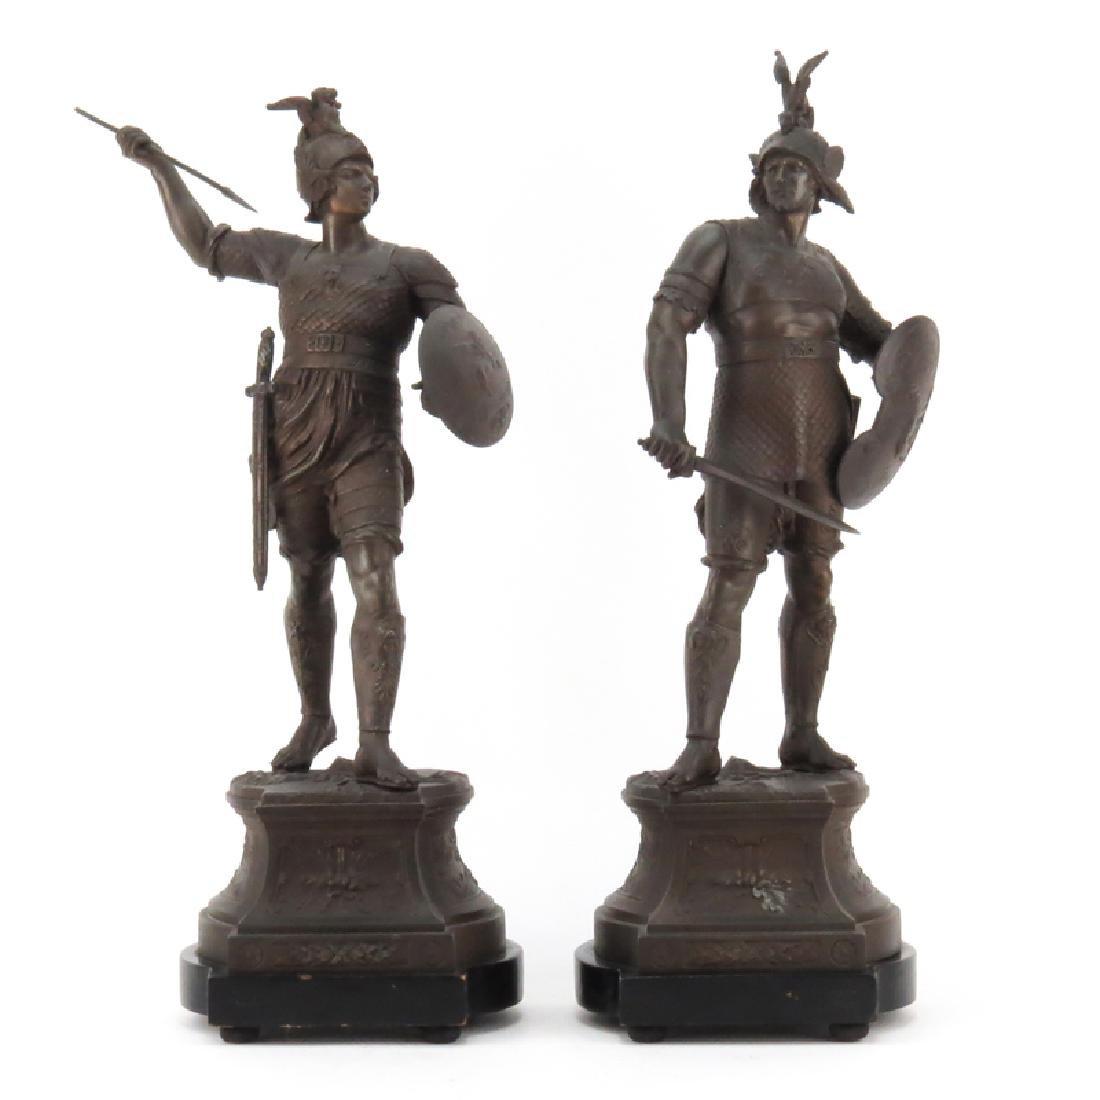 Pair of Antique White Metal Greek Gods of War